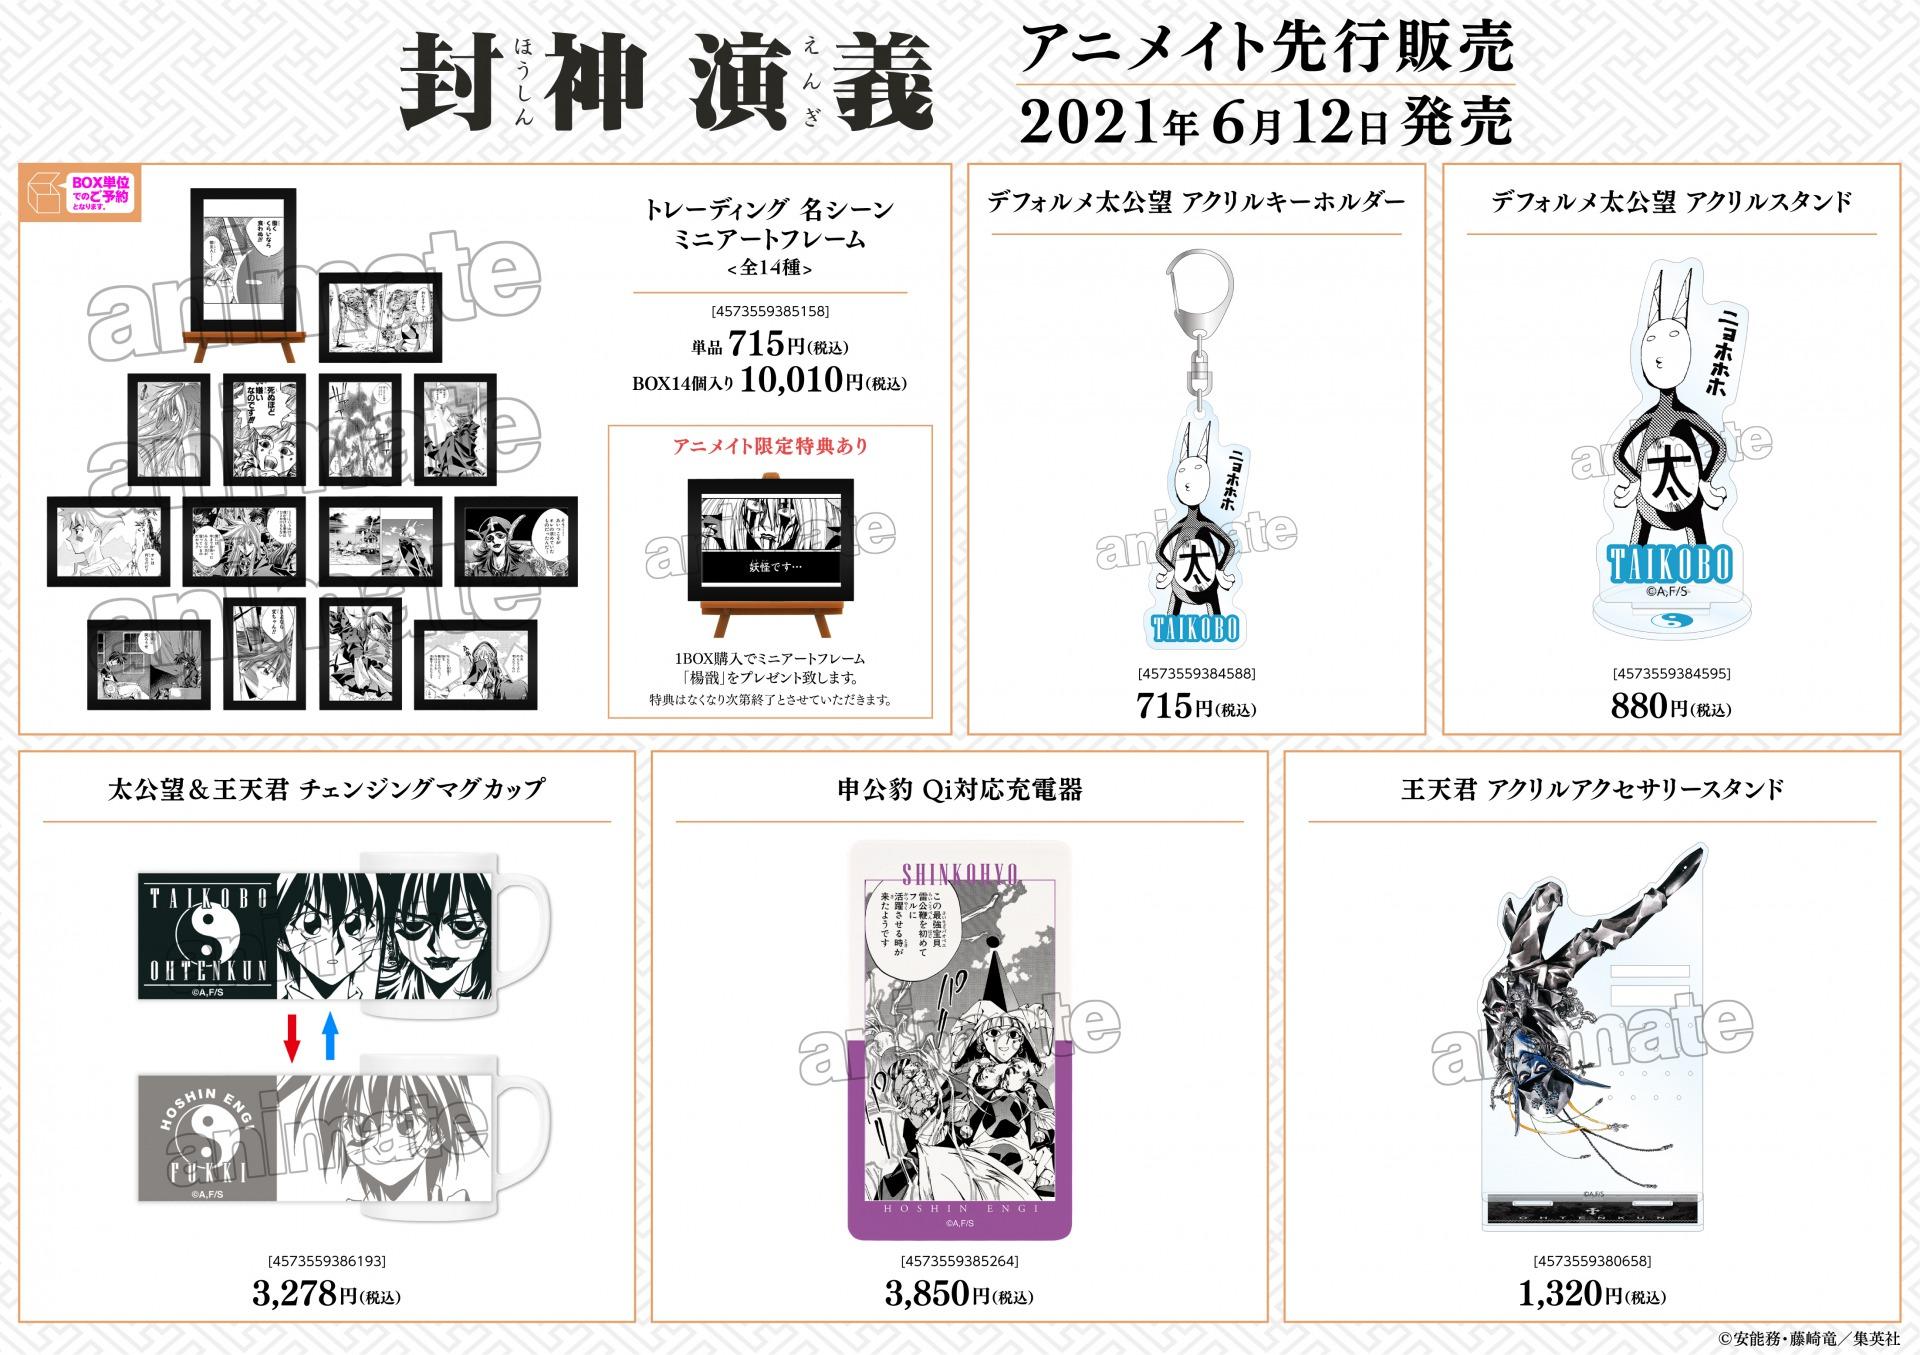 「封神演義」25周年記念 アニメイトフェア 先行販売グッズ アクリルキーホルダーなど